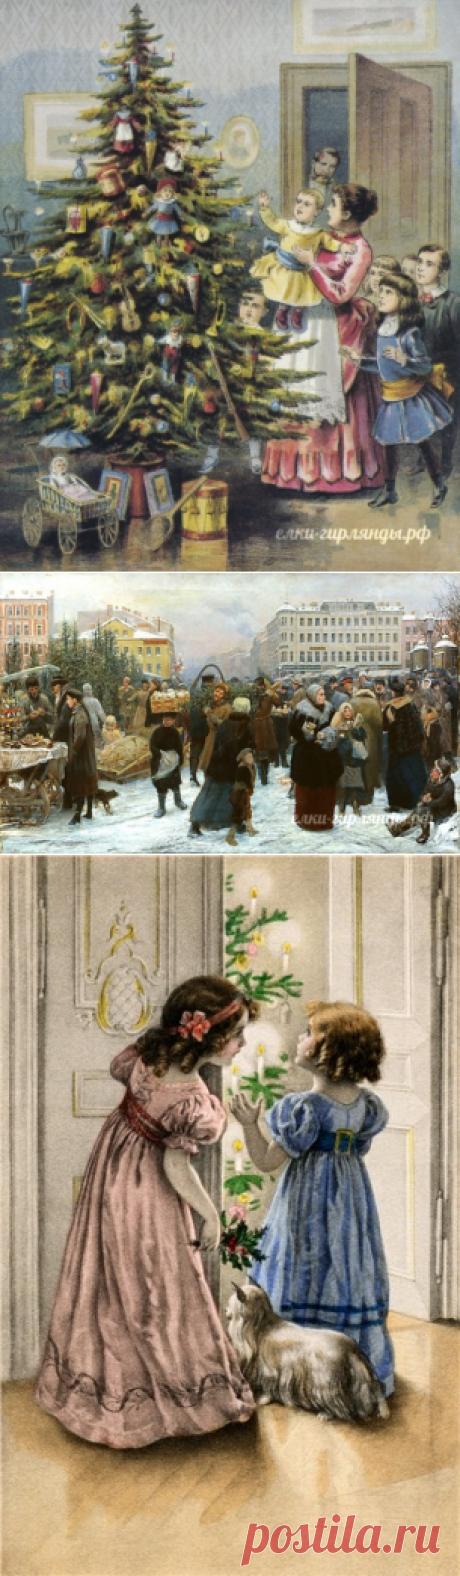 Приключения Елки в России : серьезно и не очень. / Болталка / Истории в картинках